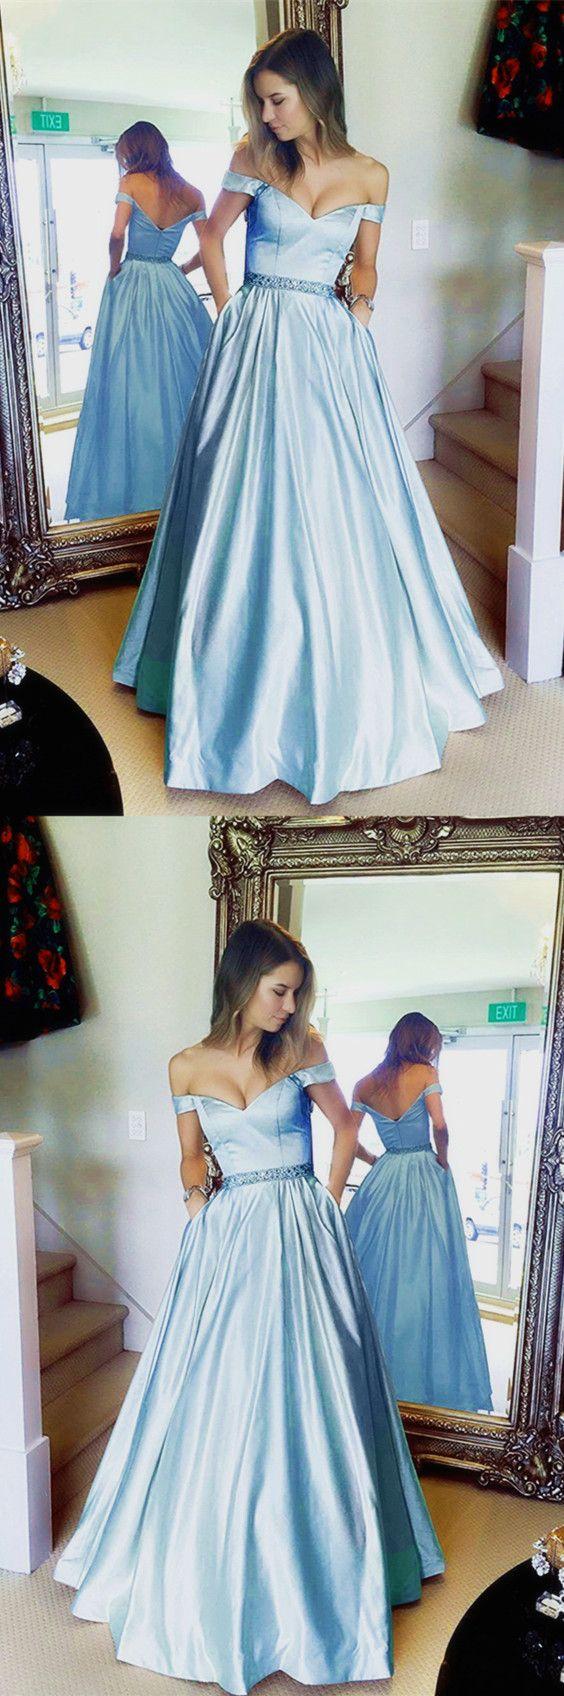 Baby blue prom dresses long satin vneck off the shoulder evening